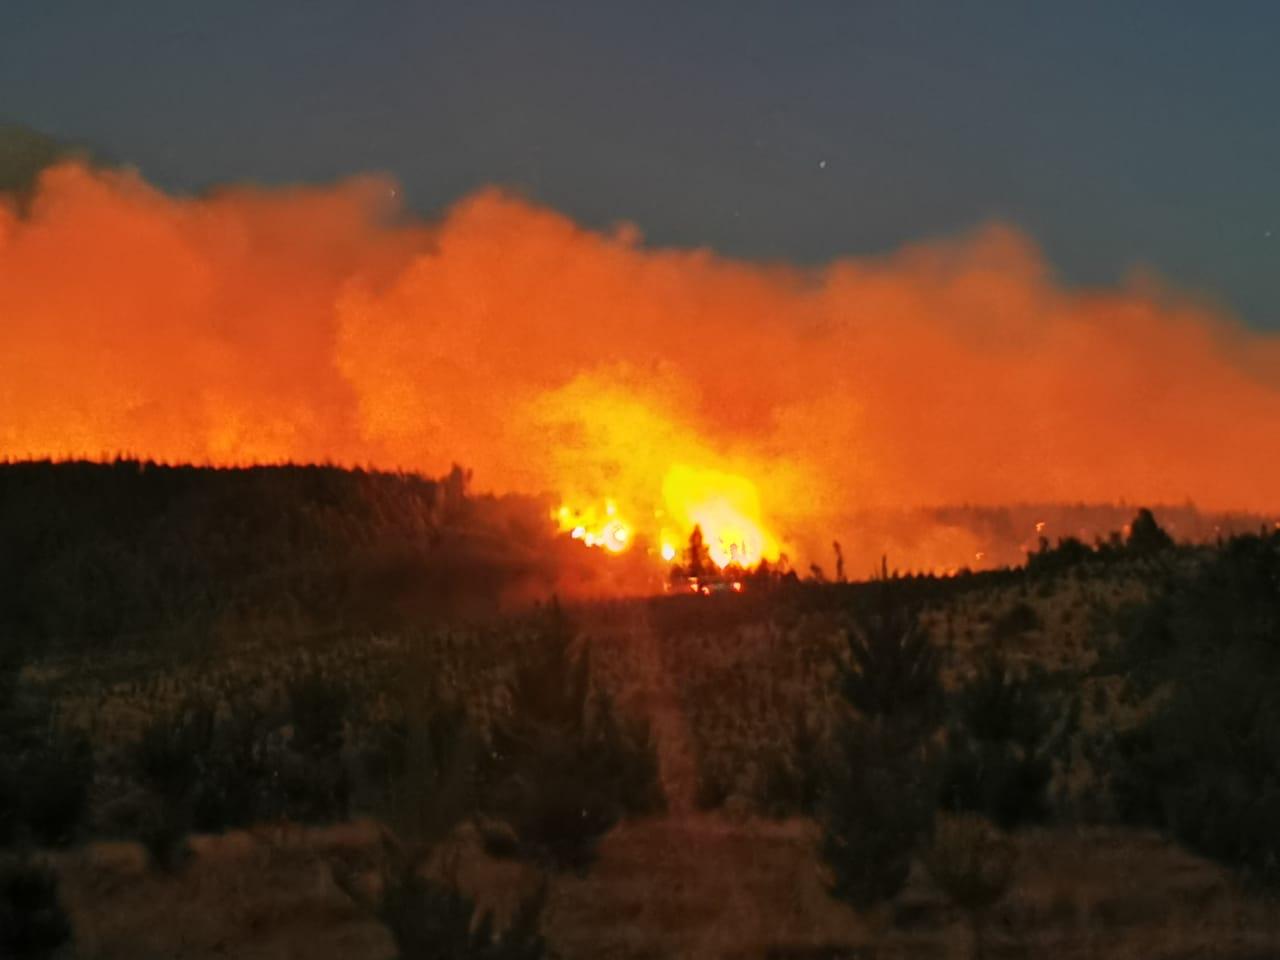 Nacimiento: 20 familias evacuadas y 300 hectáreas destruidas deja incendio forestal